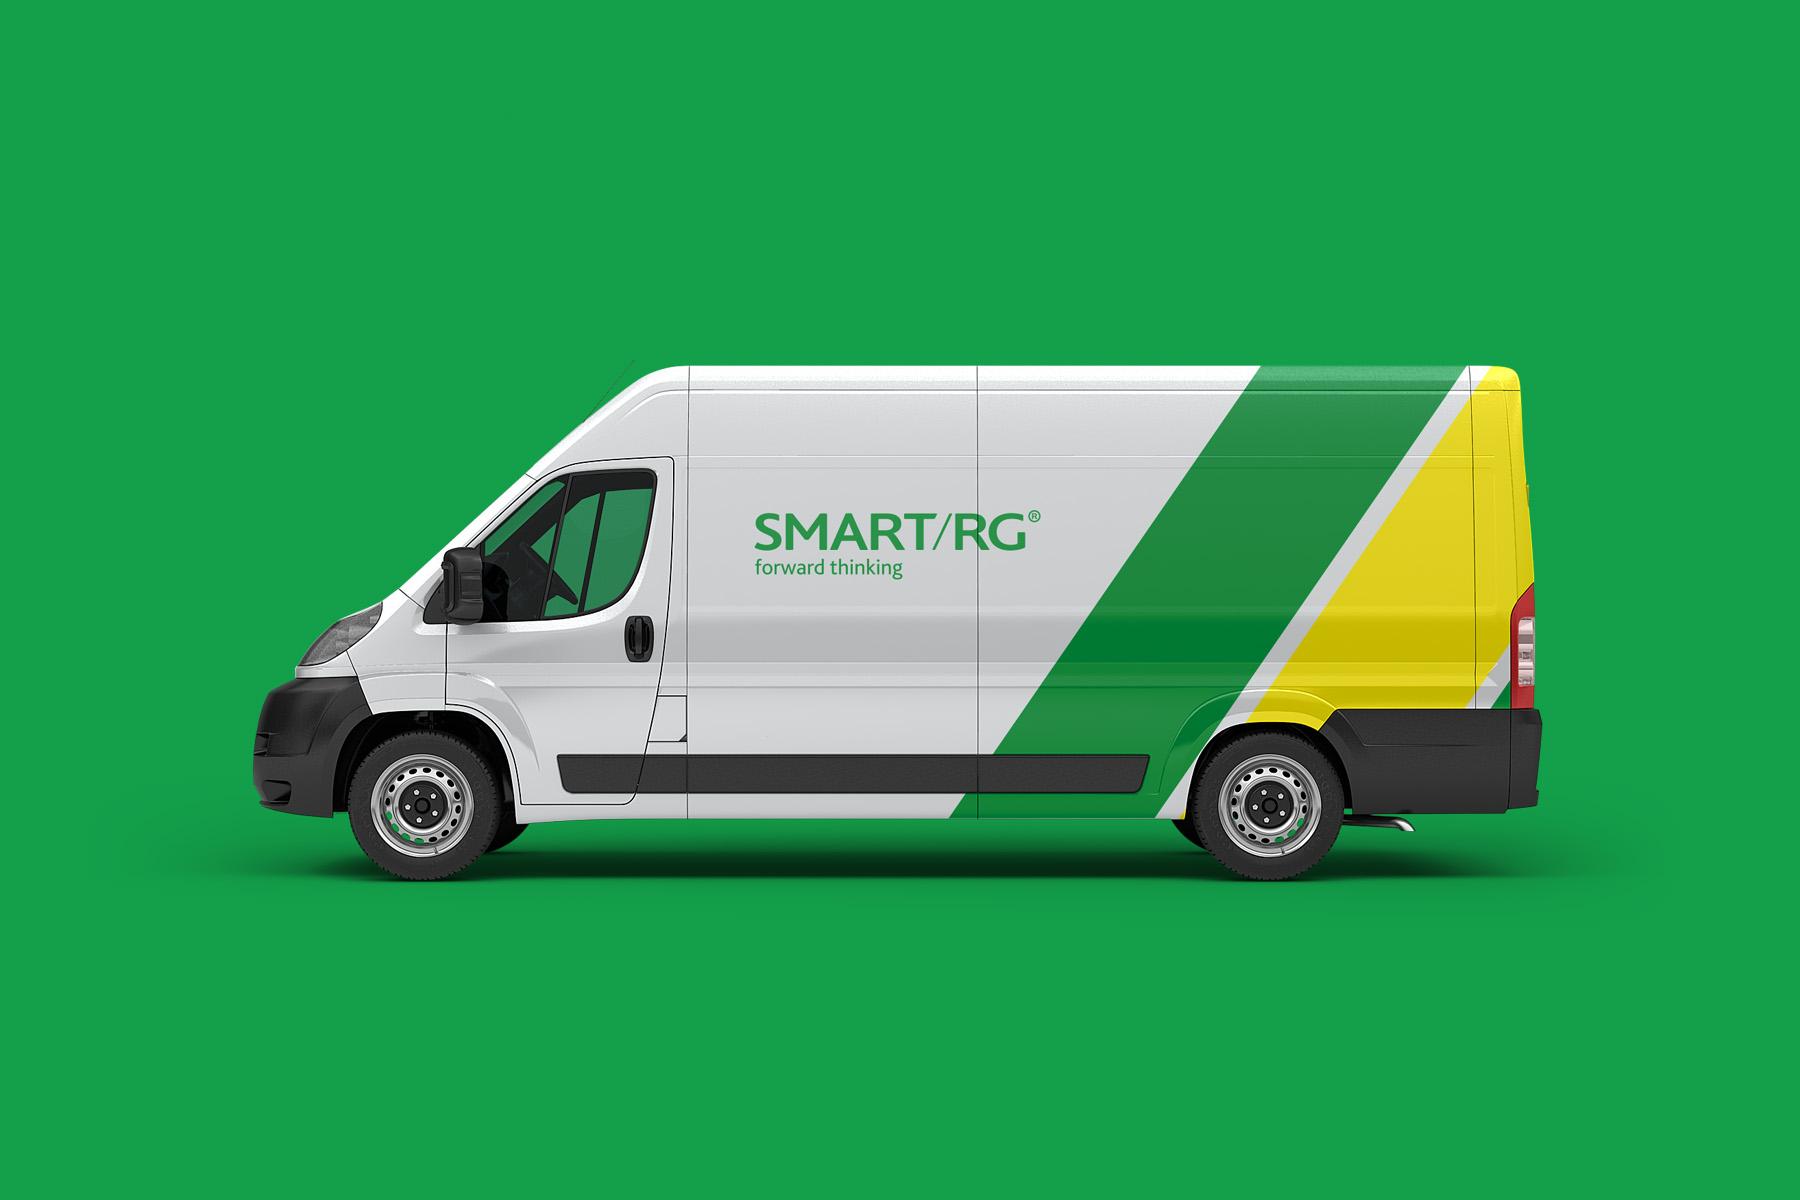 SmartRG_EskildHansen_09